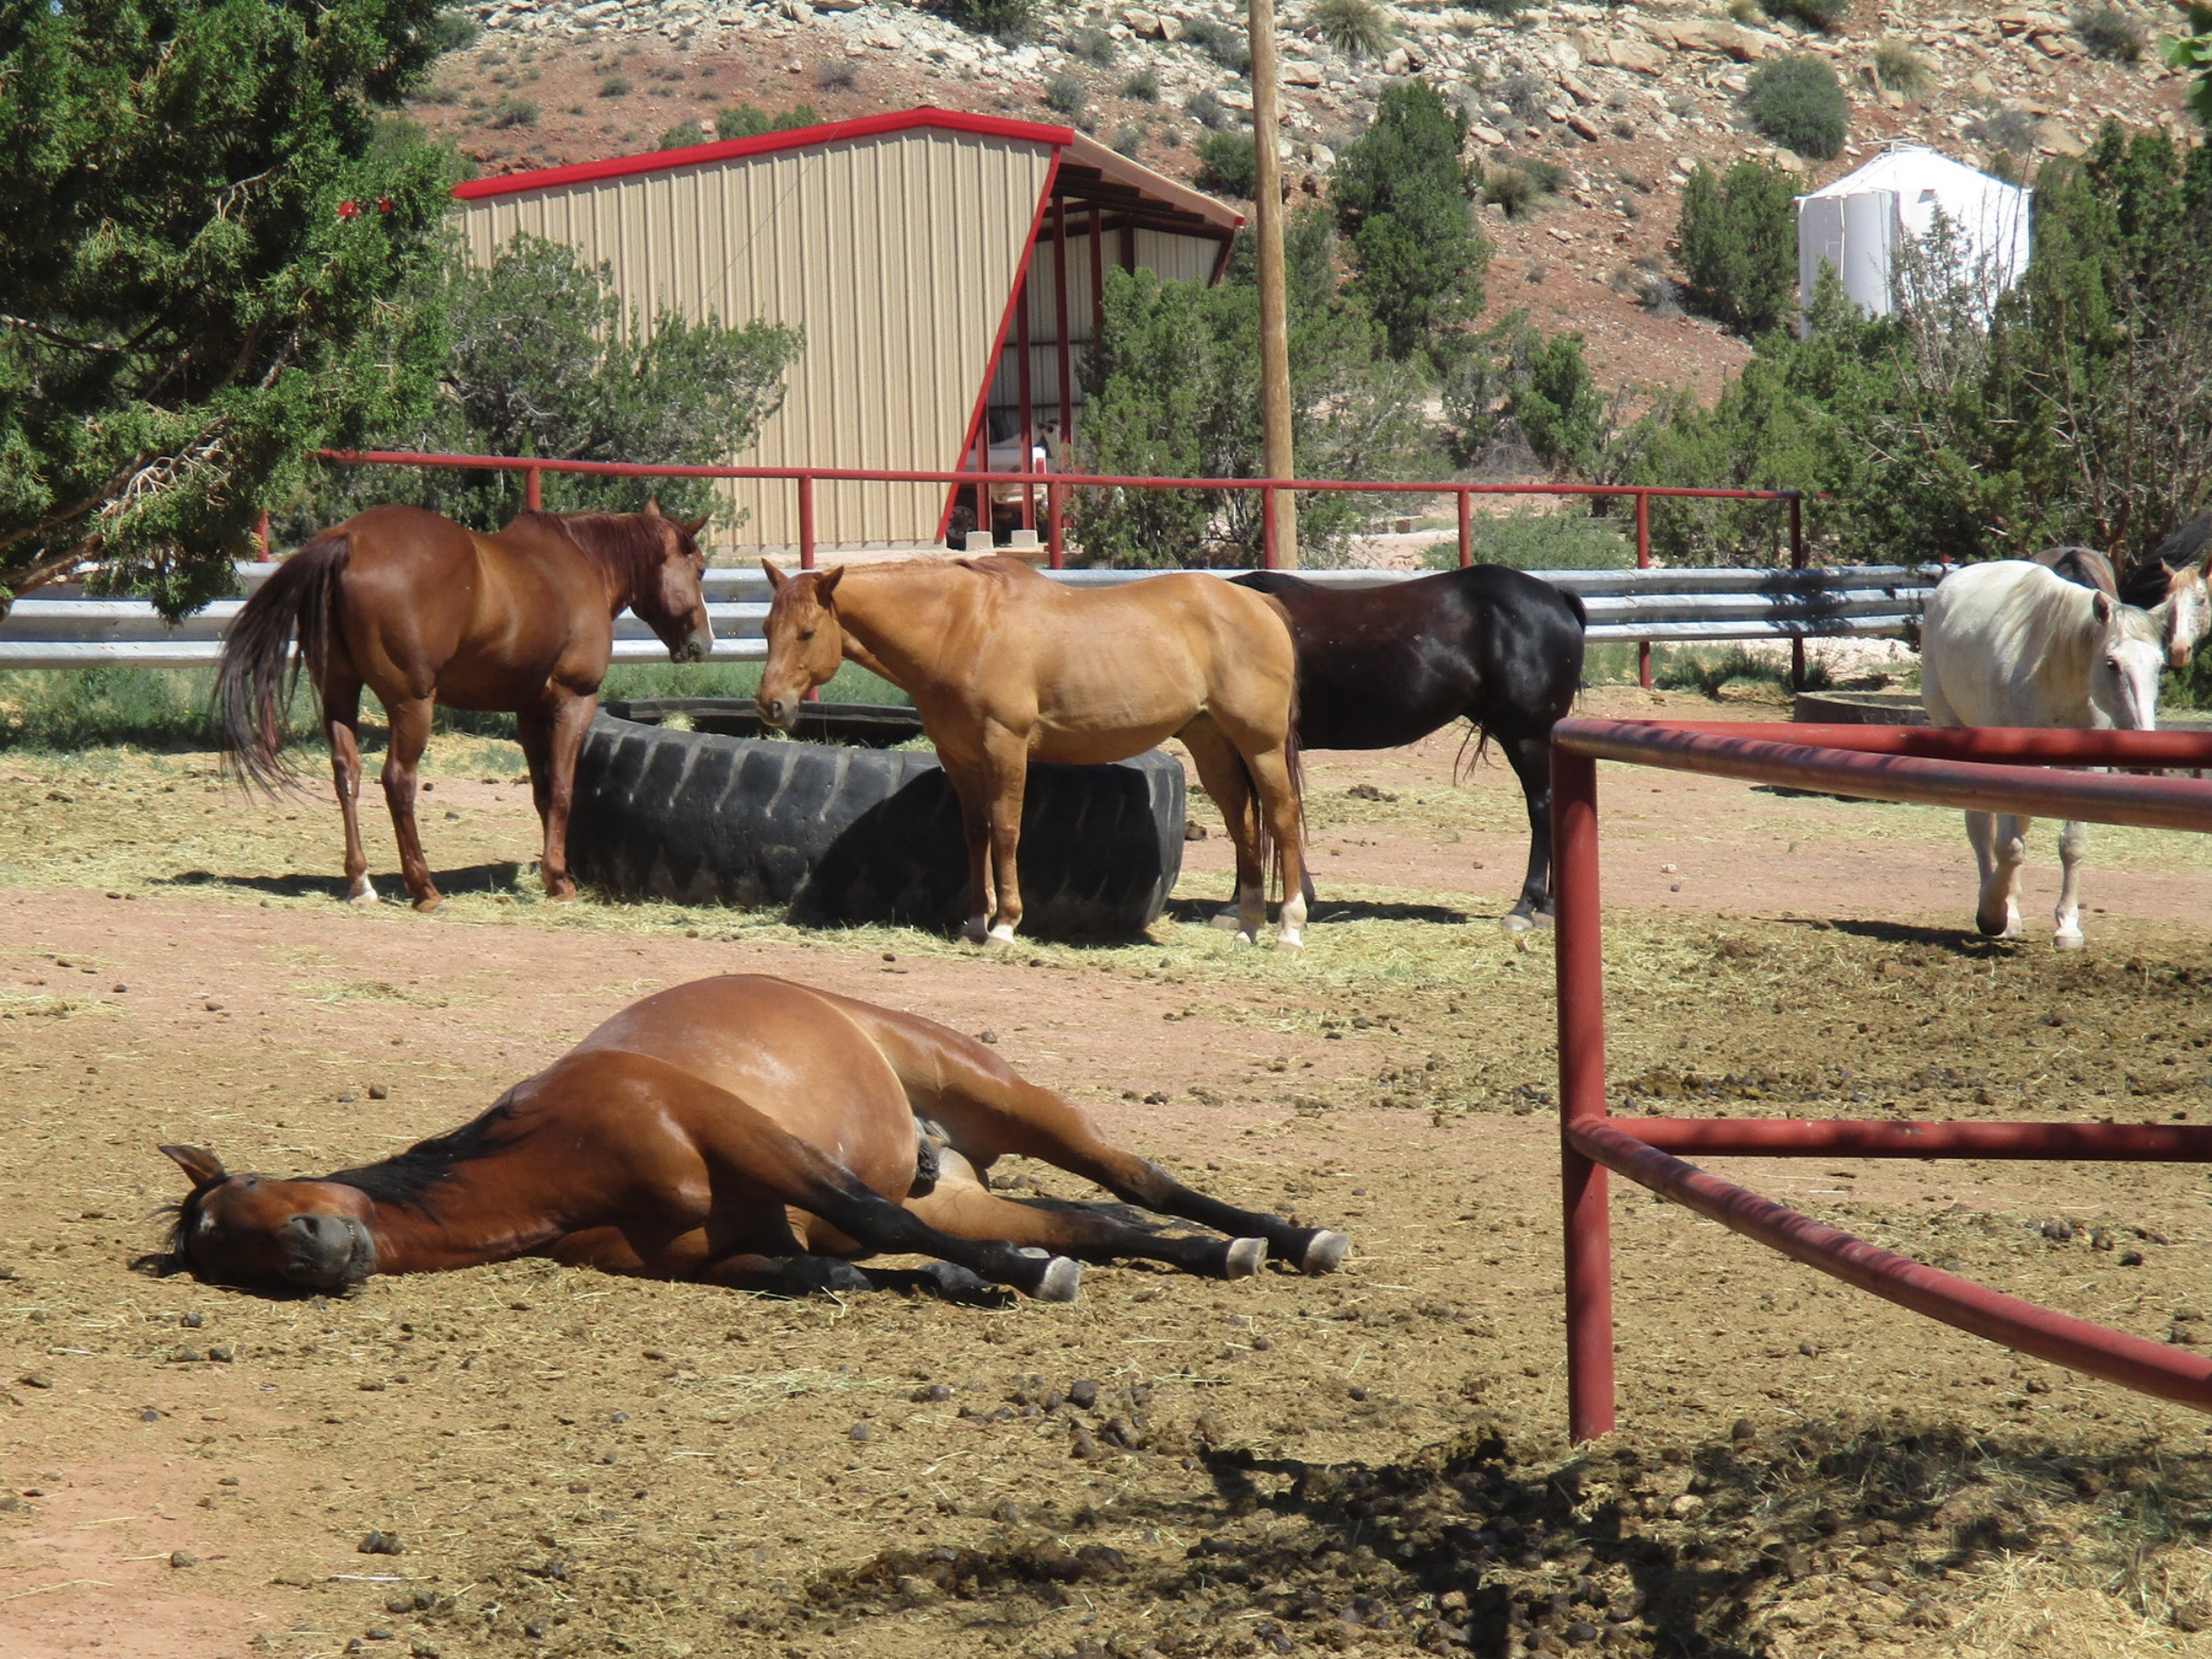 Our horses (like Hank is demonstrating )love to take naps around noon ;-)  Unsere Pferde (wie Hank hier demonstriert) lieben es mittags zu schlafen ;-)